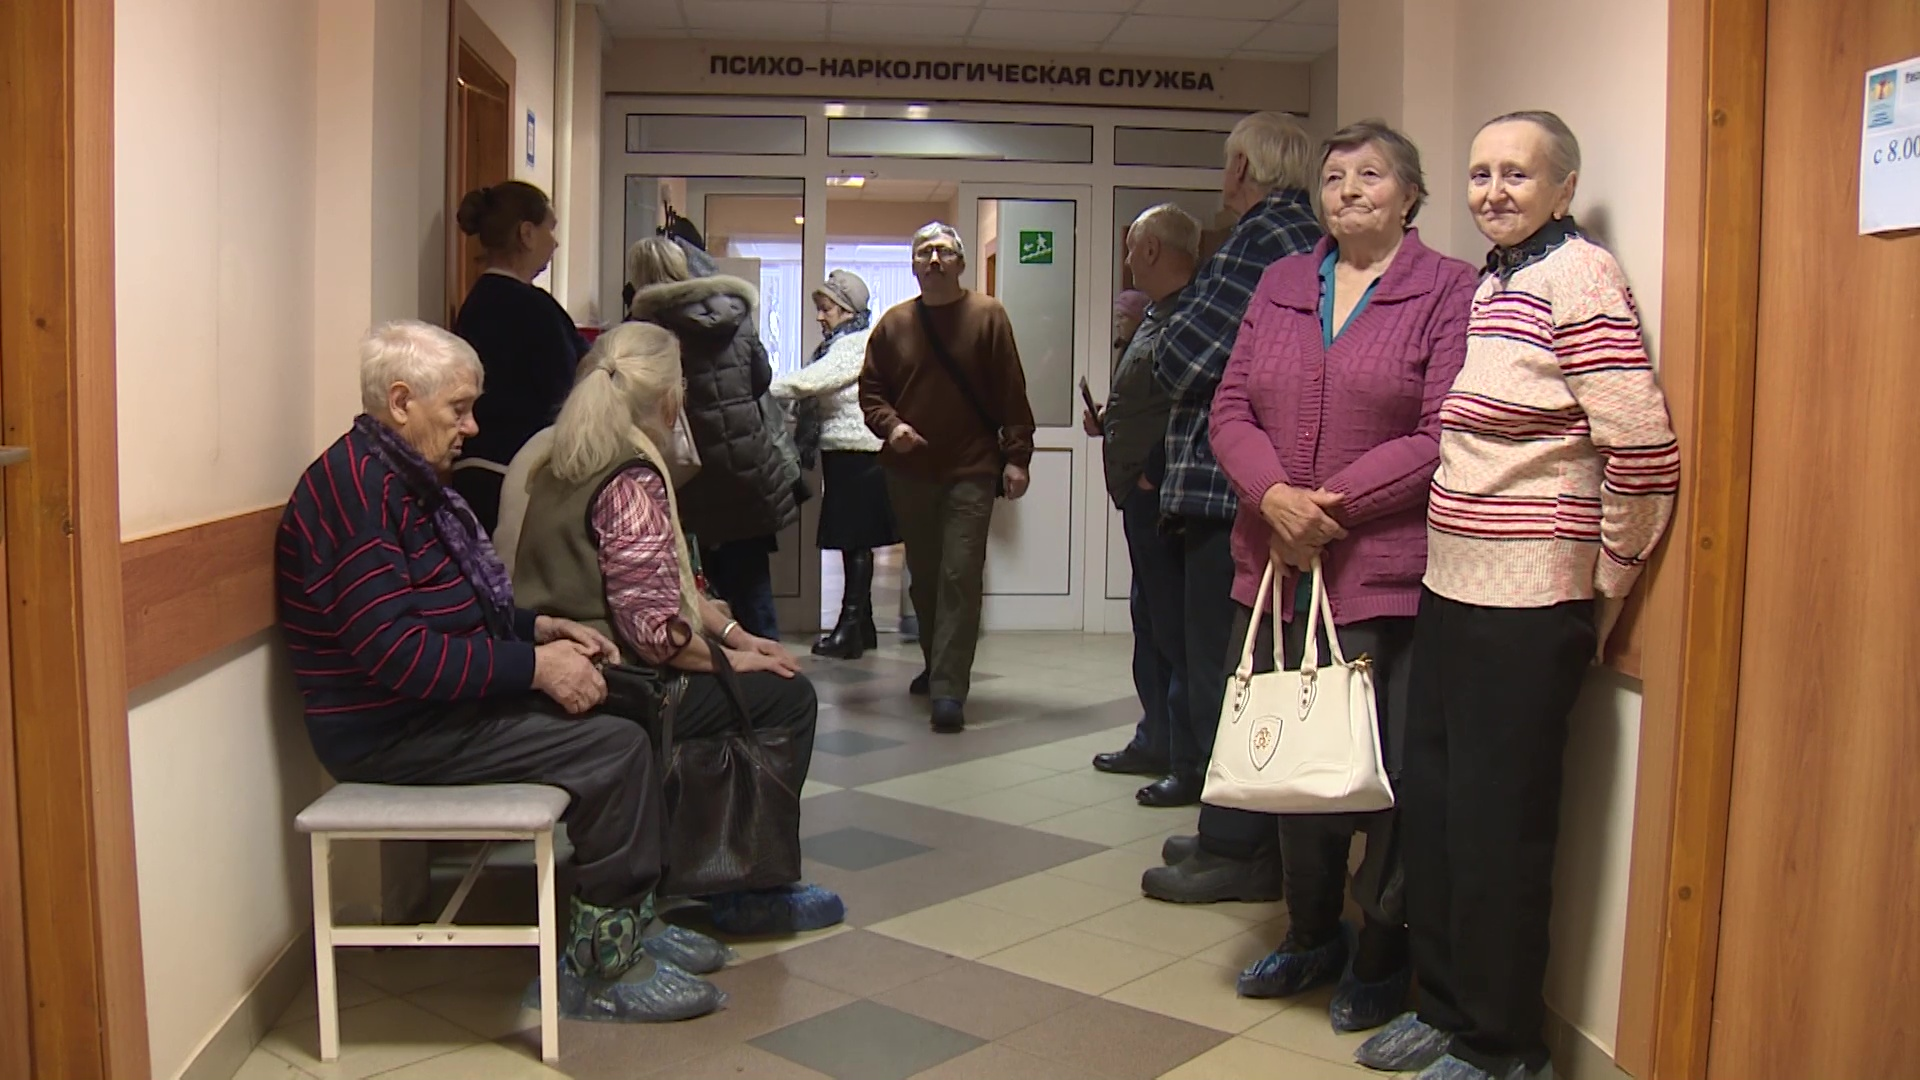 Пенсионеров из деревни Бурмасово свозили на диспансеризацию в Угличскую ЦРБ